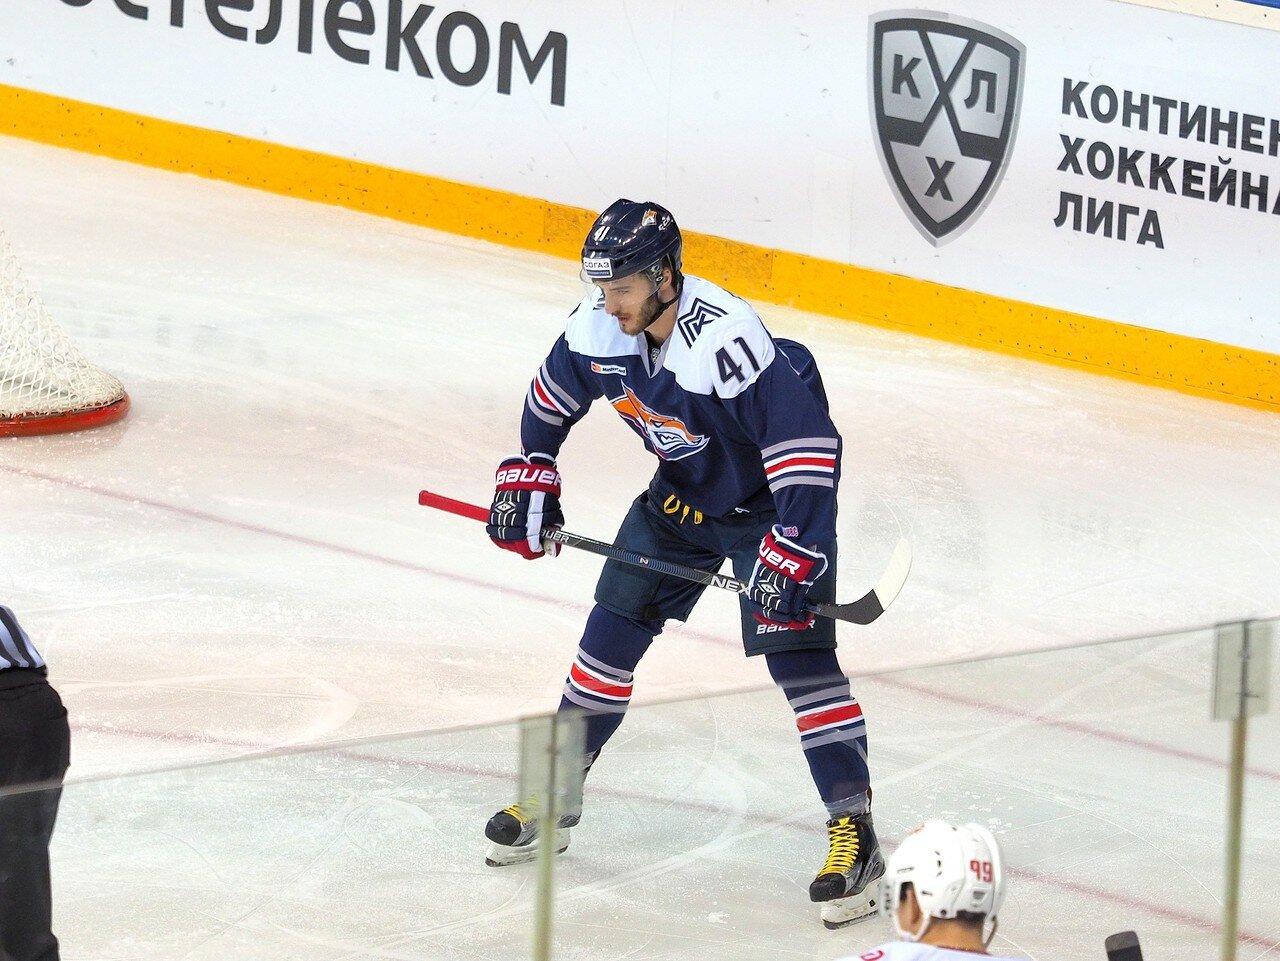 50Металлург - Локомотив 23.11.2016